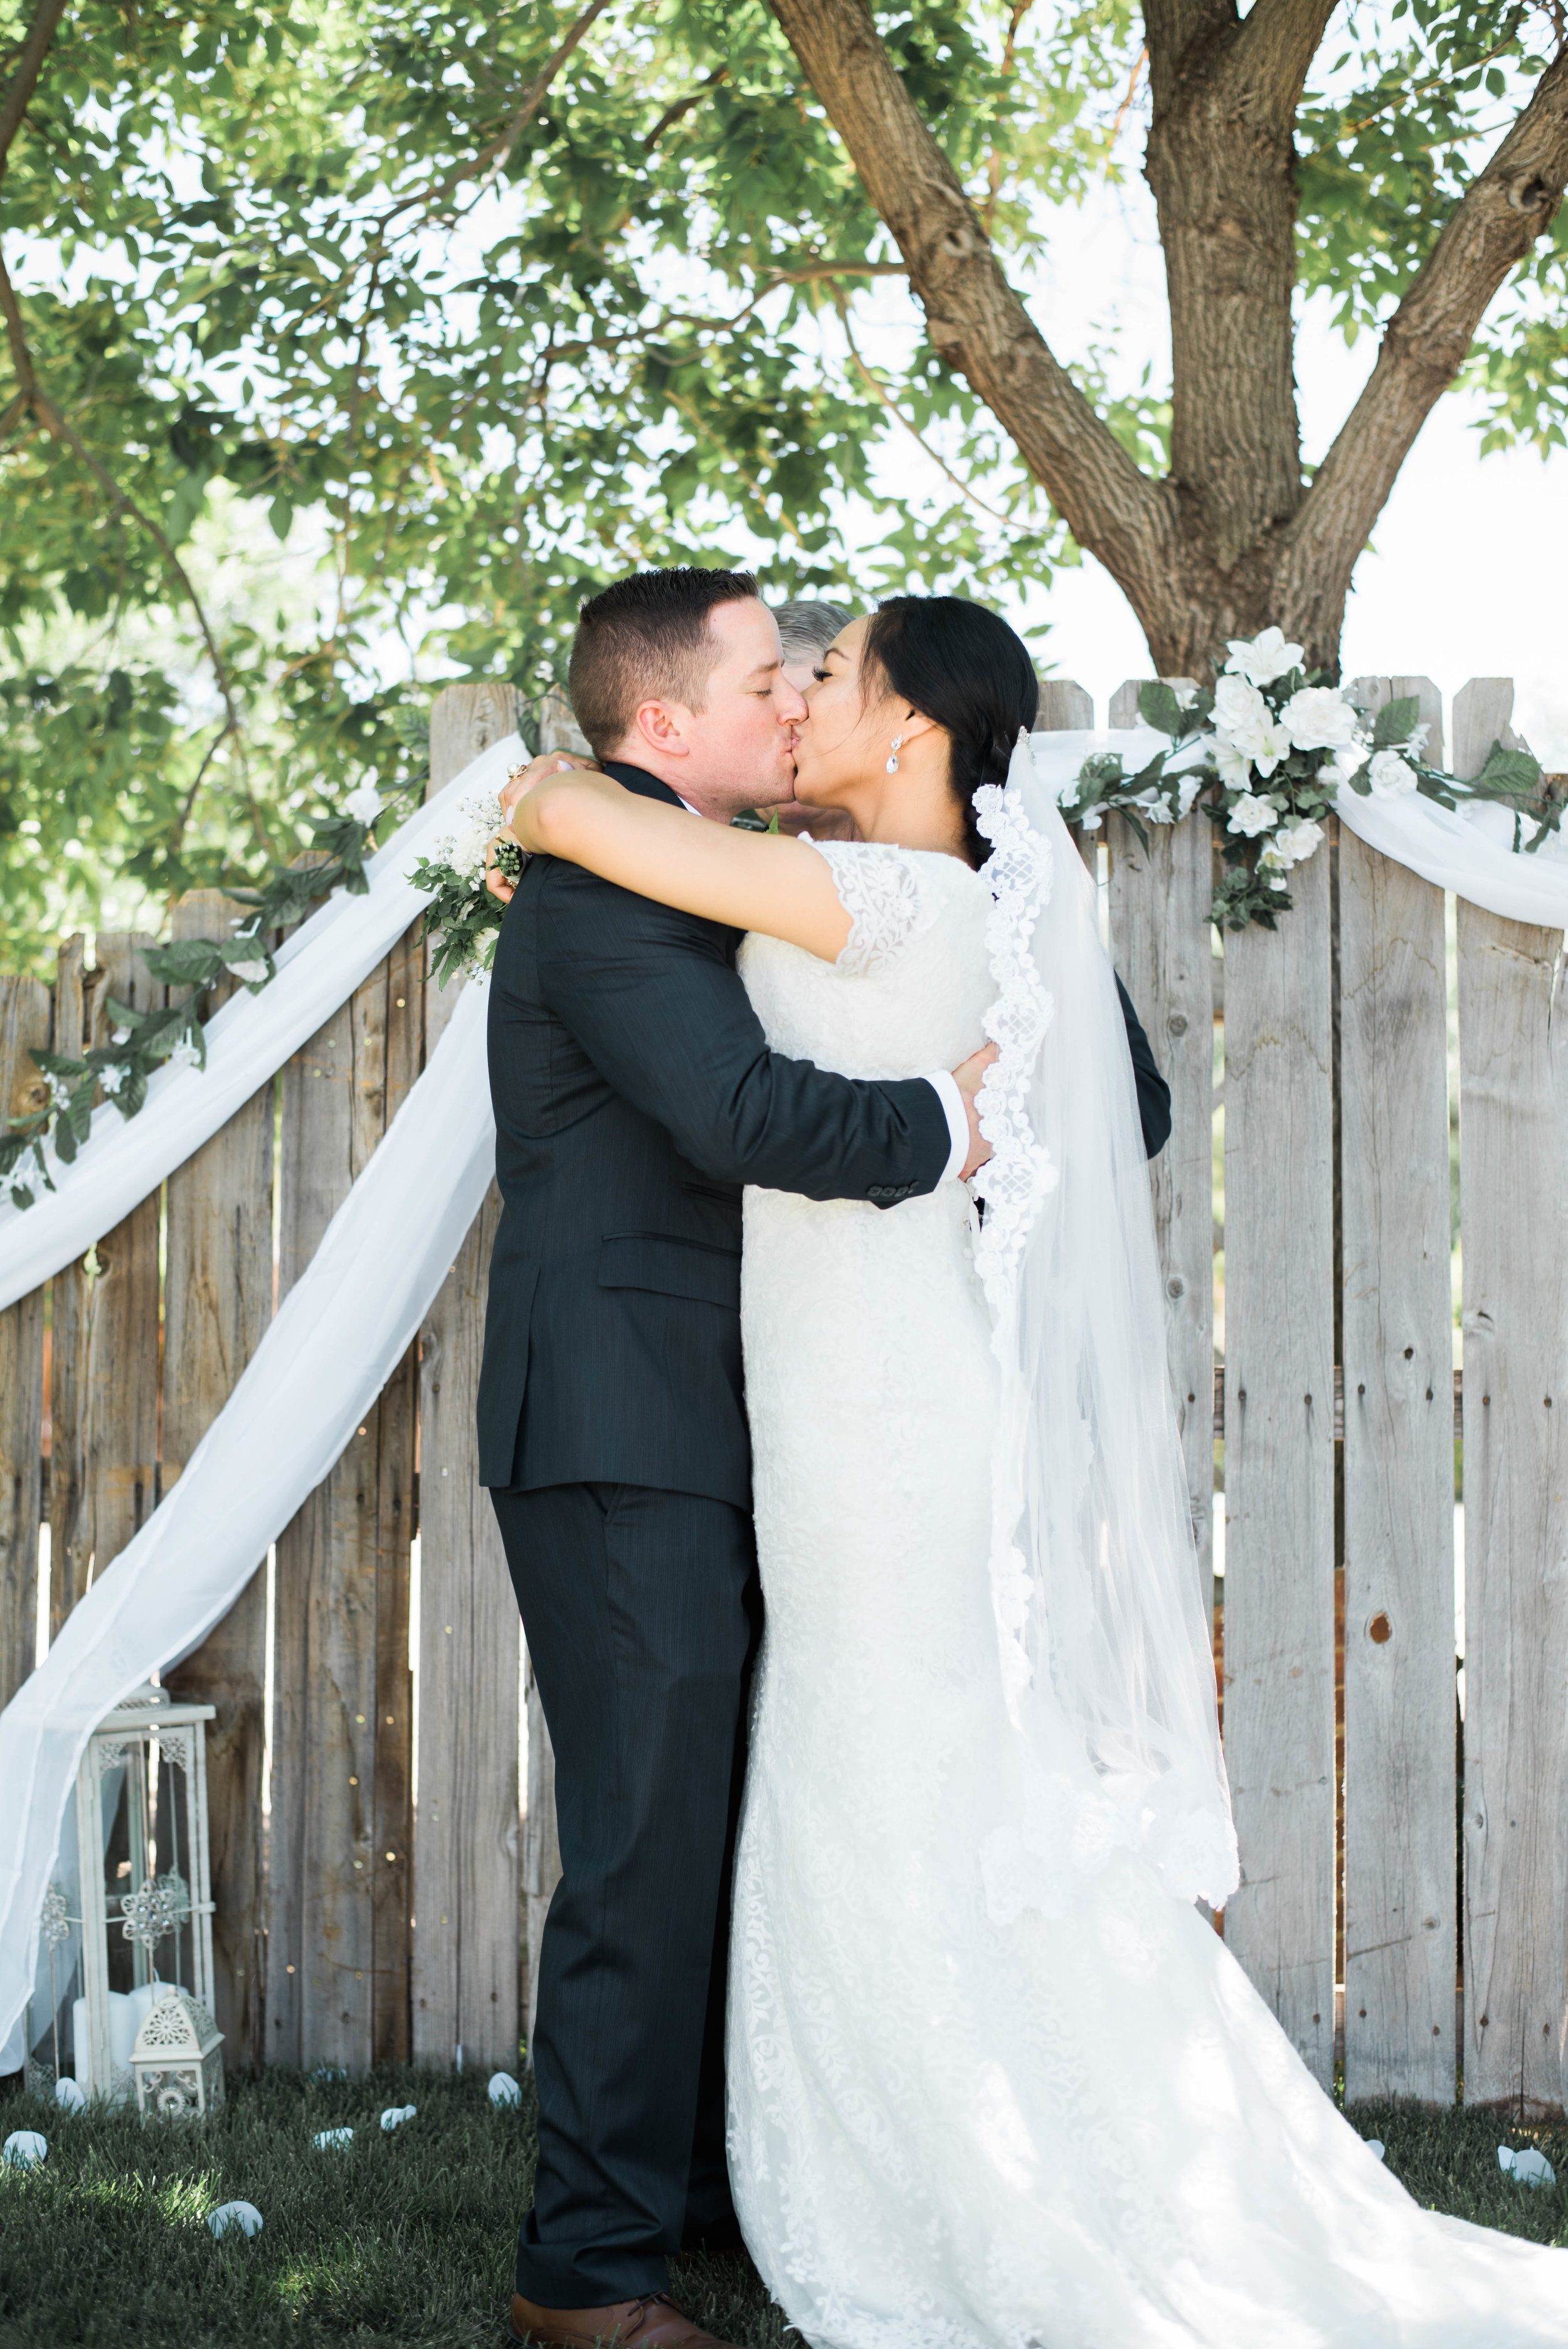 M+J-WEDDING-DAY-Sadie_Banks_Photography-197.jpg